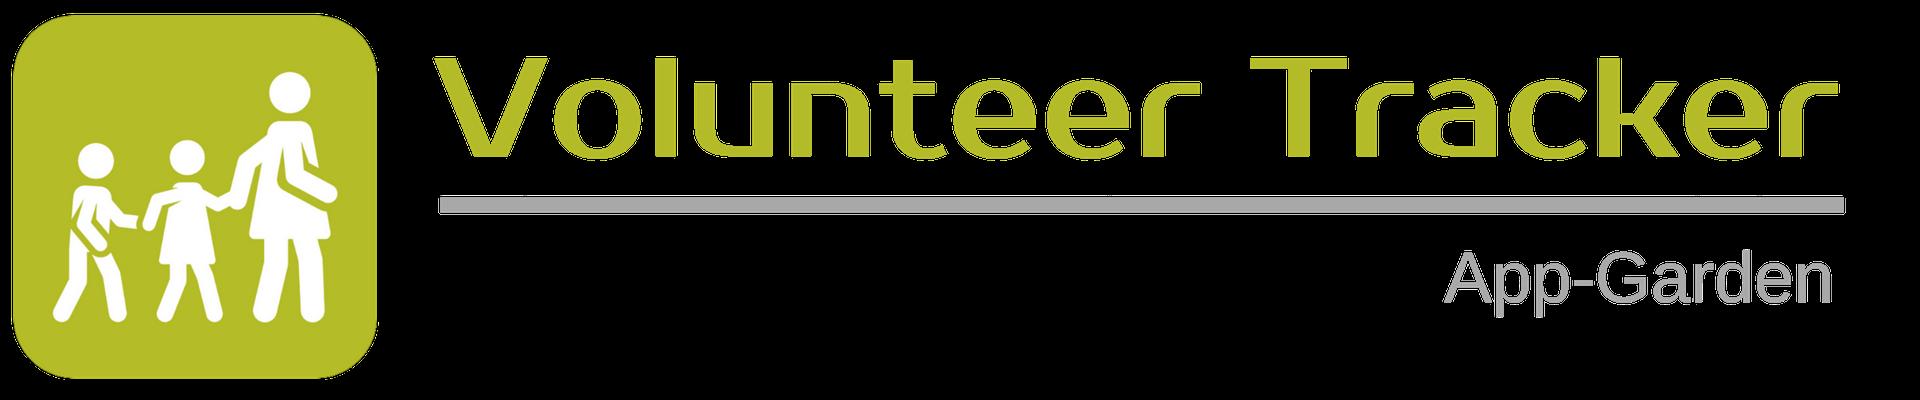 Volunteer Tracker